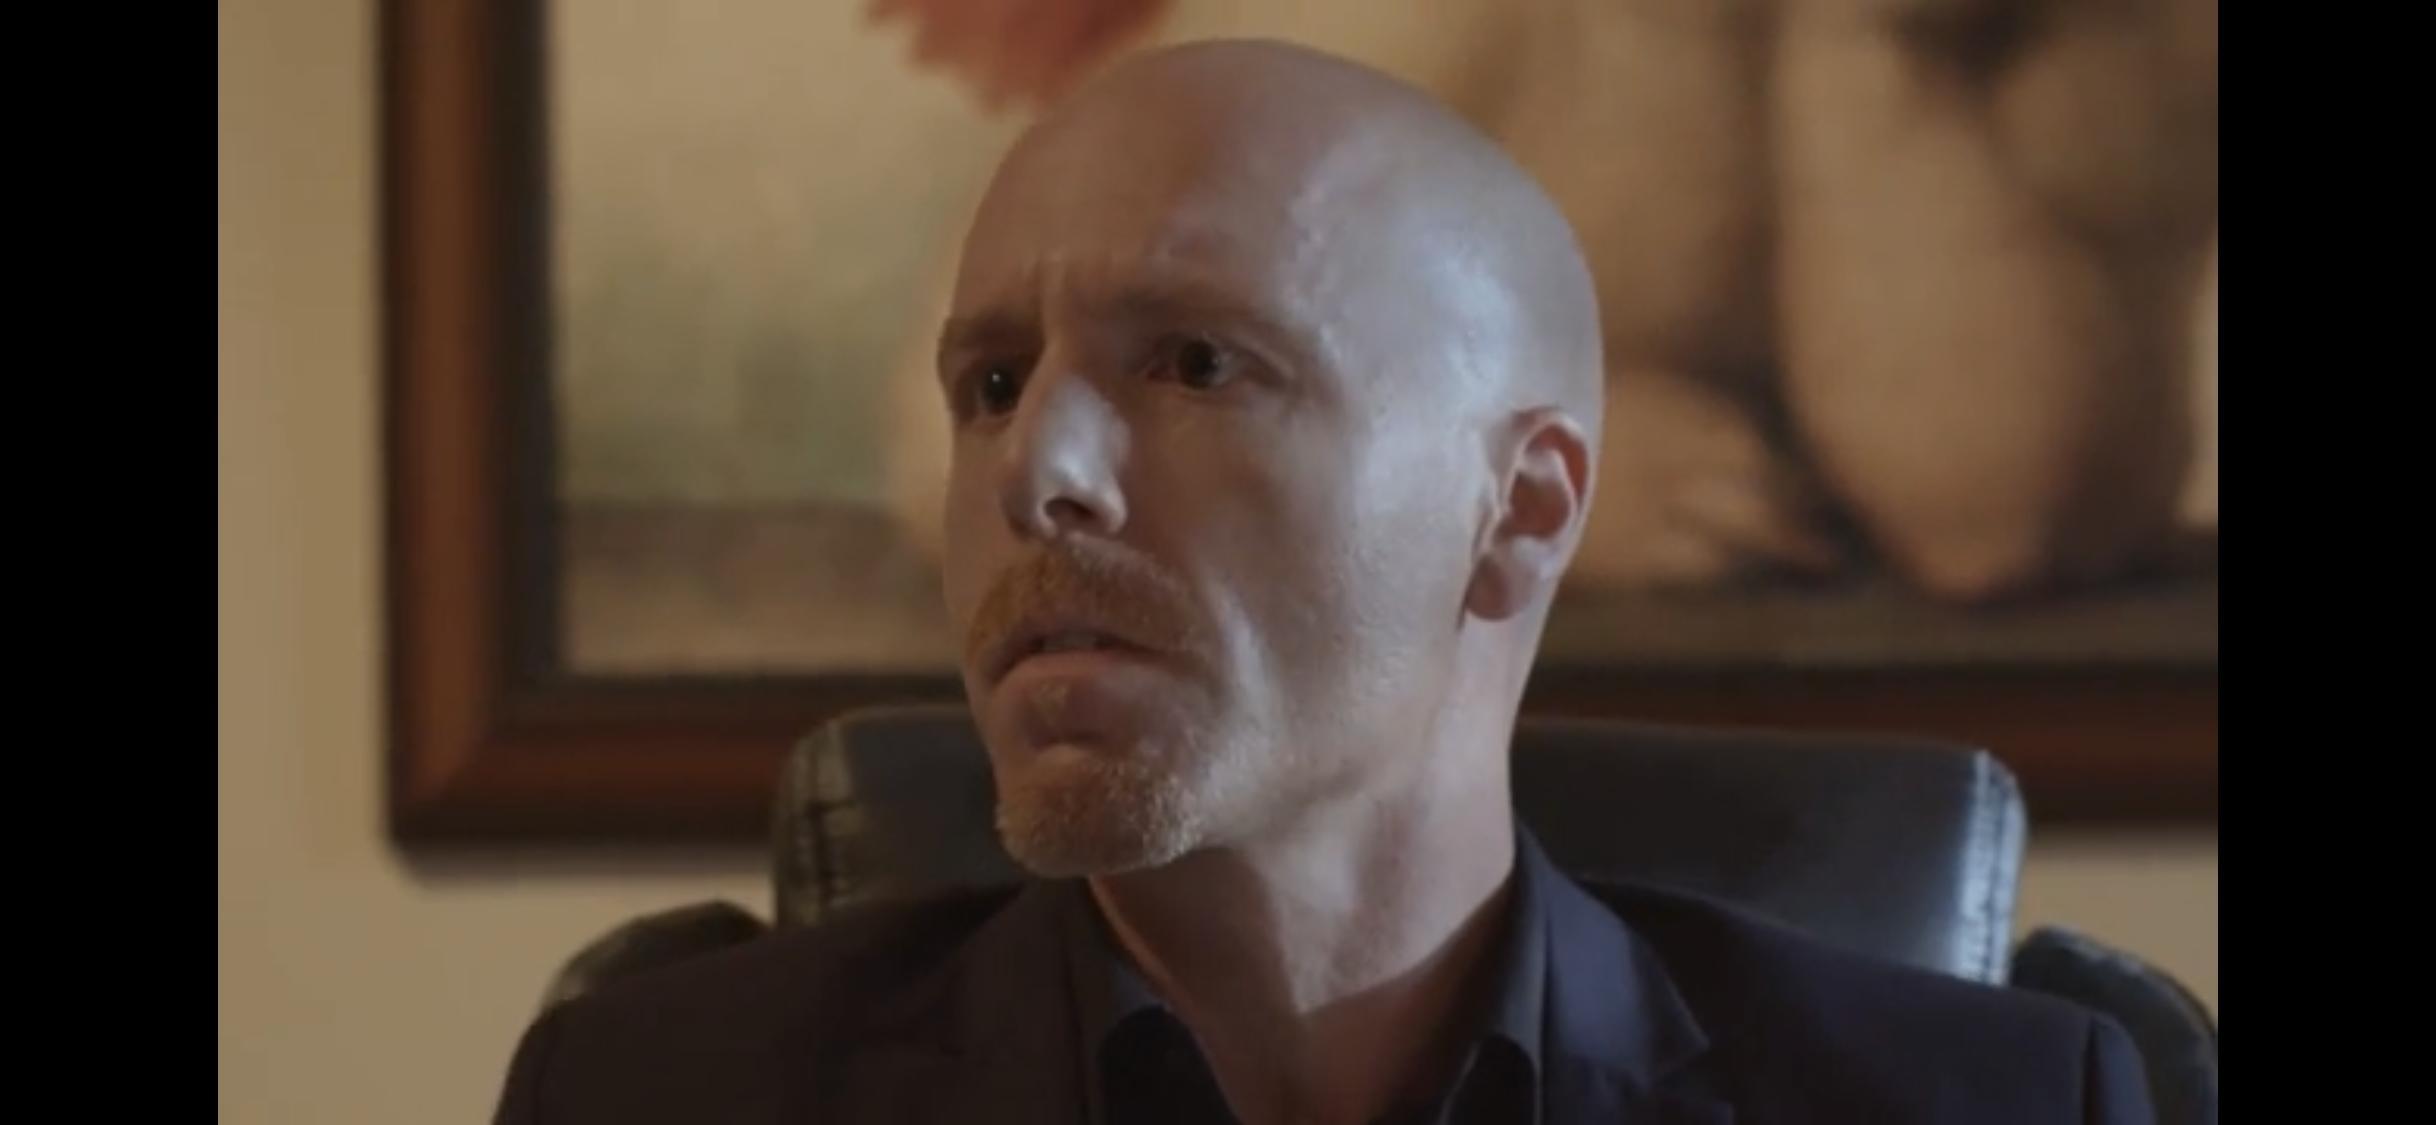 Method Actor Robert Berlin